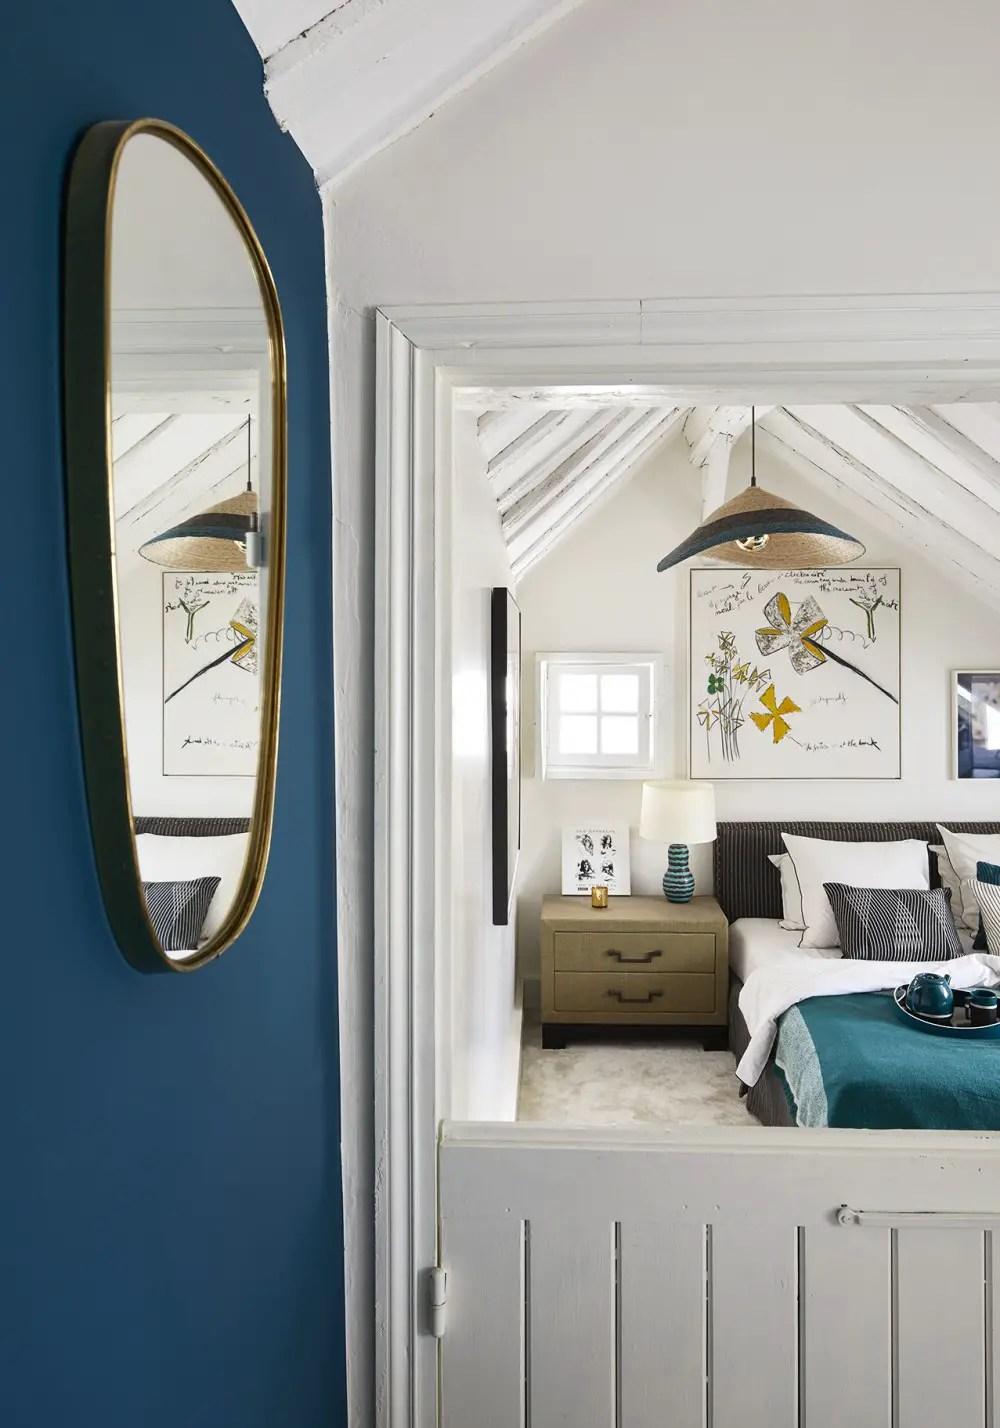 appartement sarah lavoine paris sarah lavoine canap. Black Bedroom Furniture Sets. Home Design Ideas